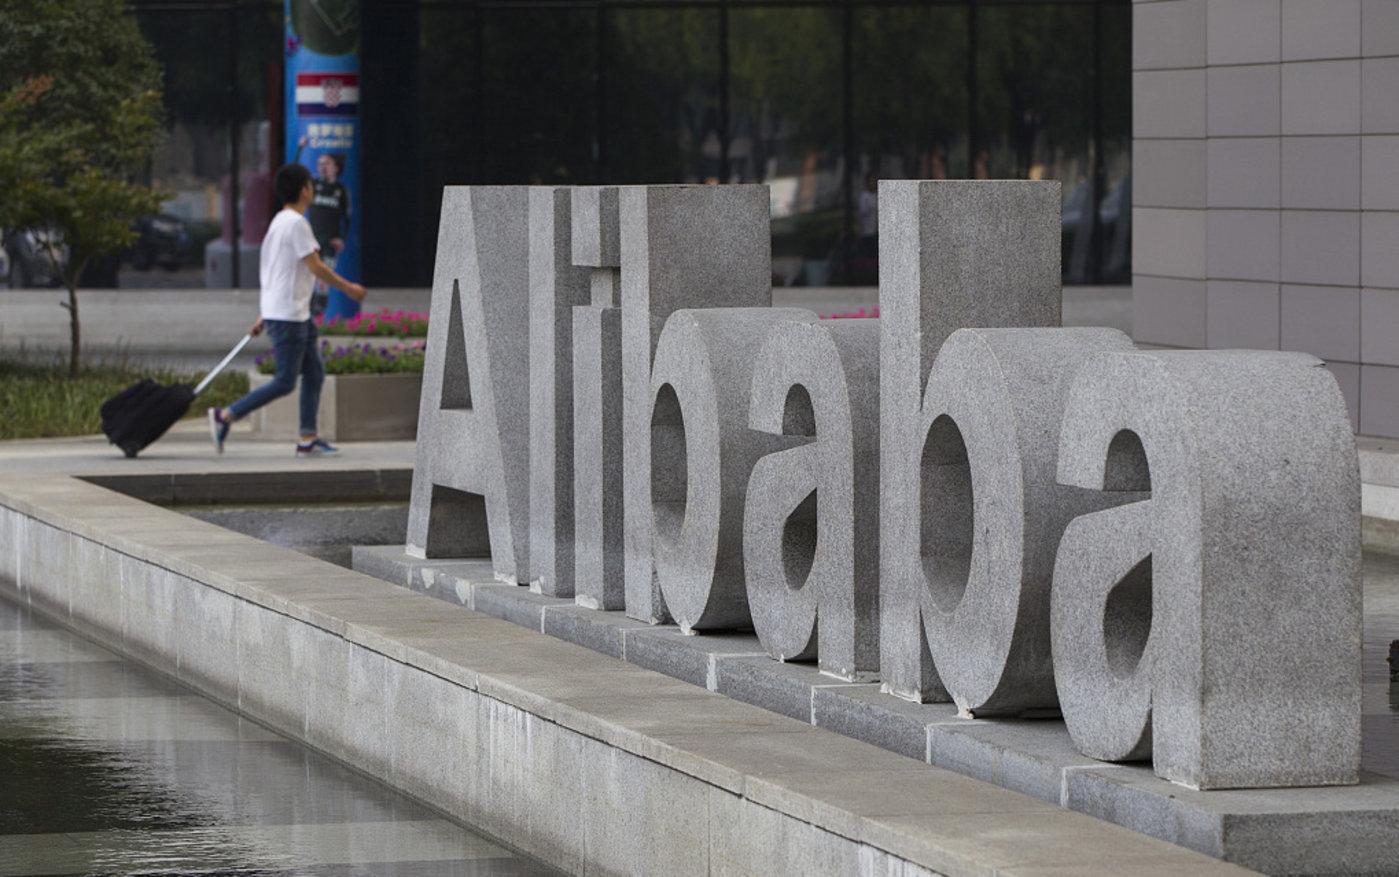 传阿里或在香港二次上市,港交所CEO曾称阿里回归只是时间问题 | 钛快讯